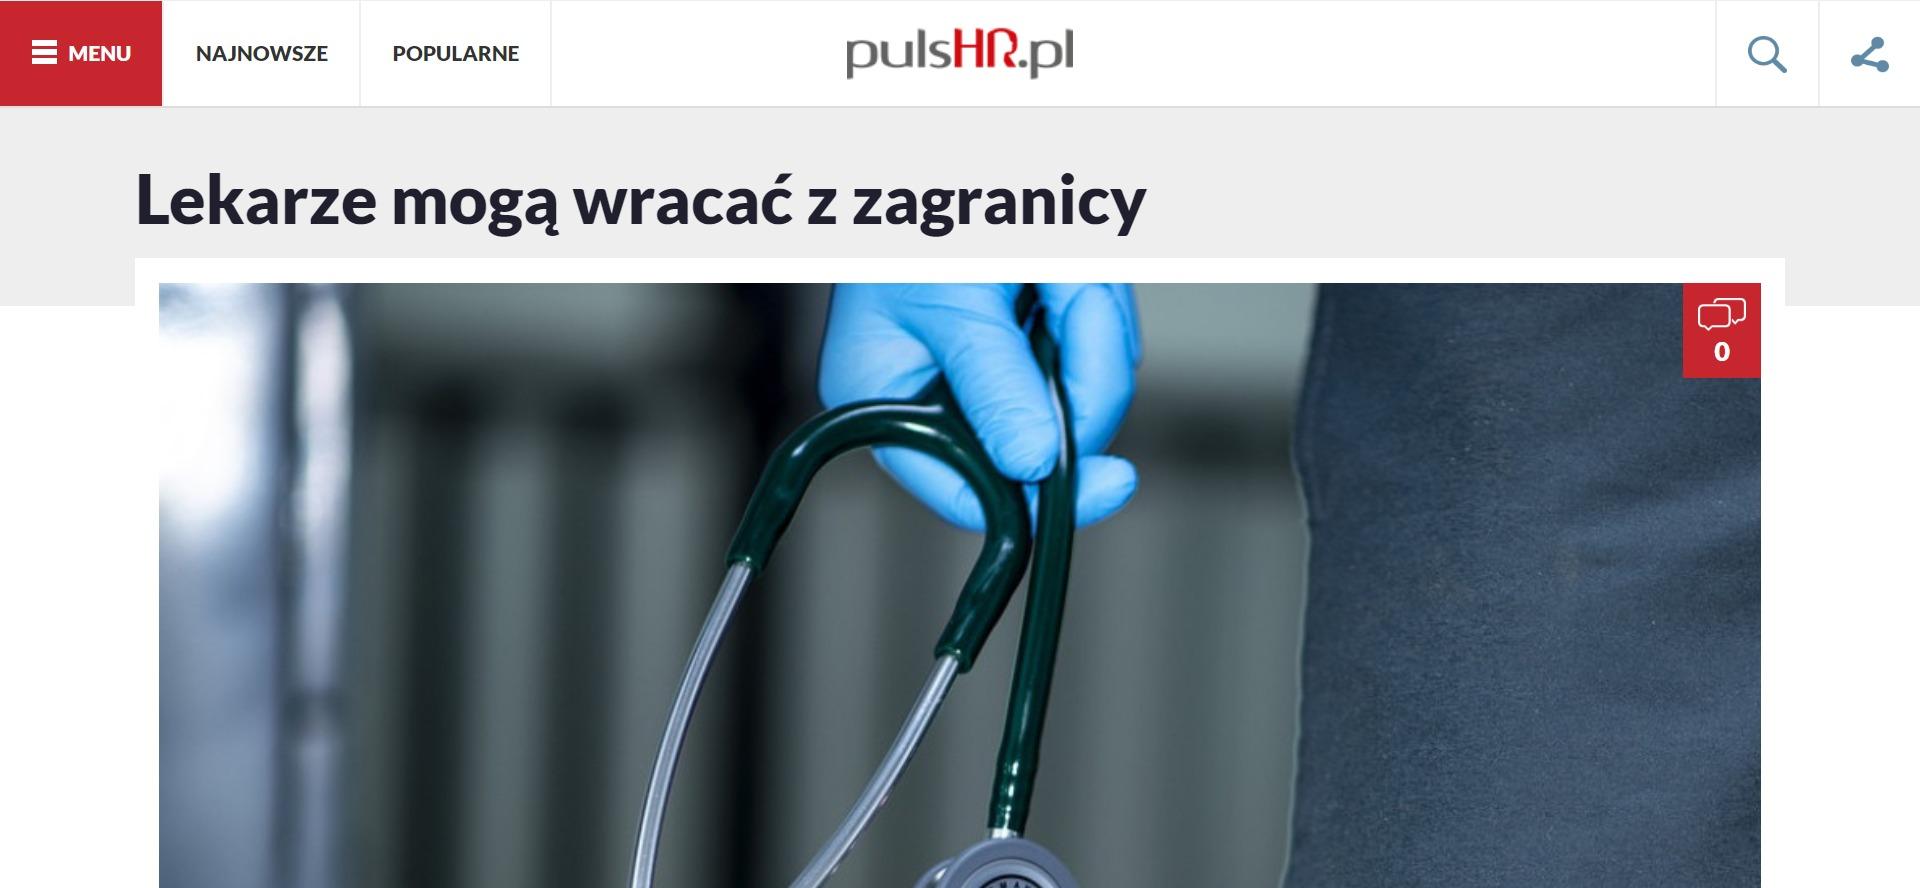 Lekarze mogą wracać z zagranicy